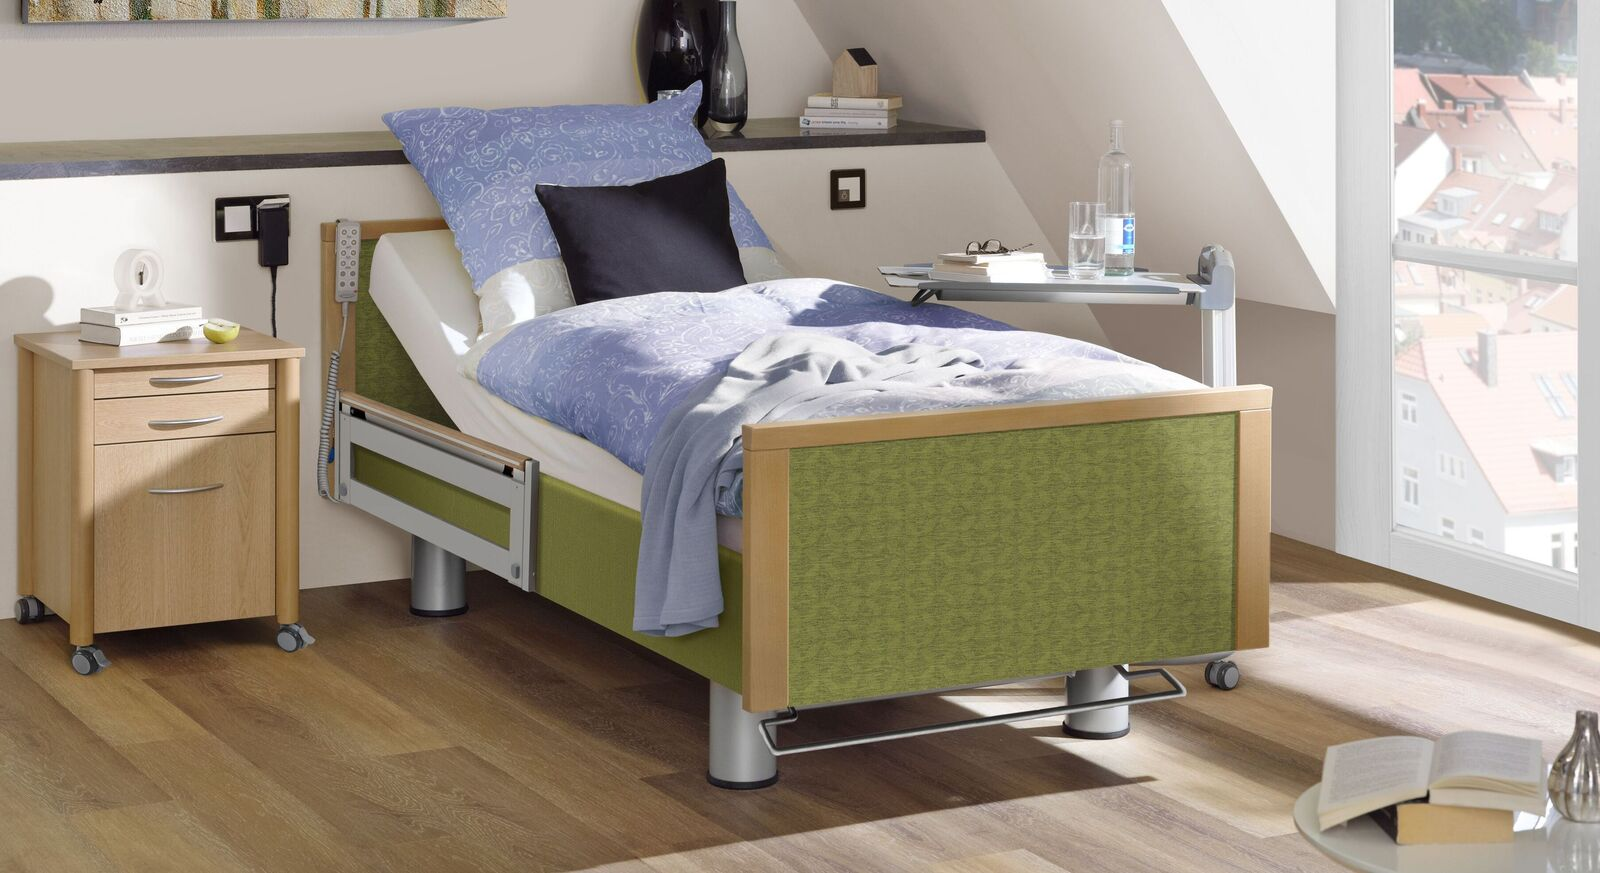 Komfortbett mit Pflegebett-Funktion Sylt aus grünem Stoff